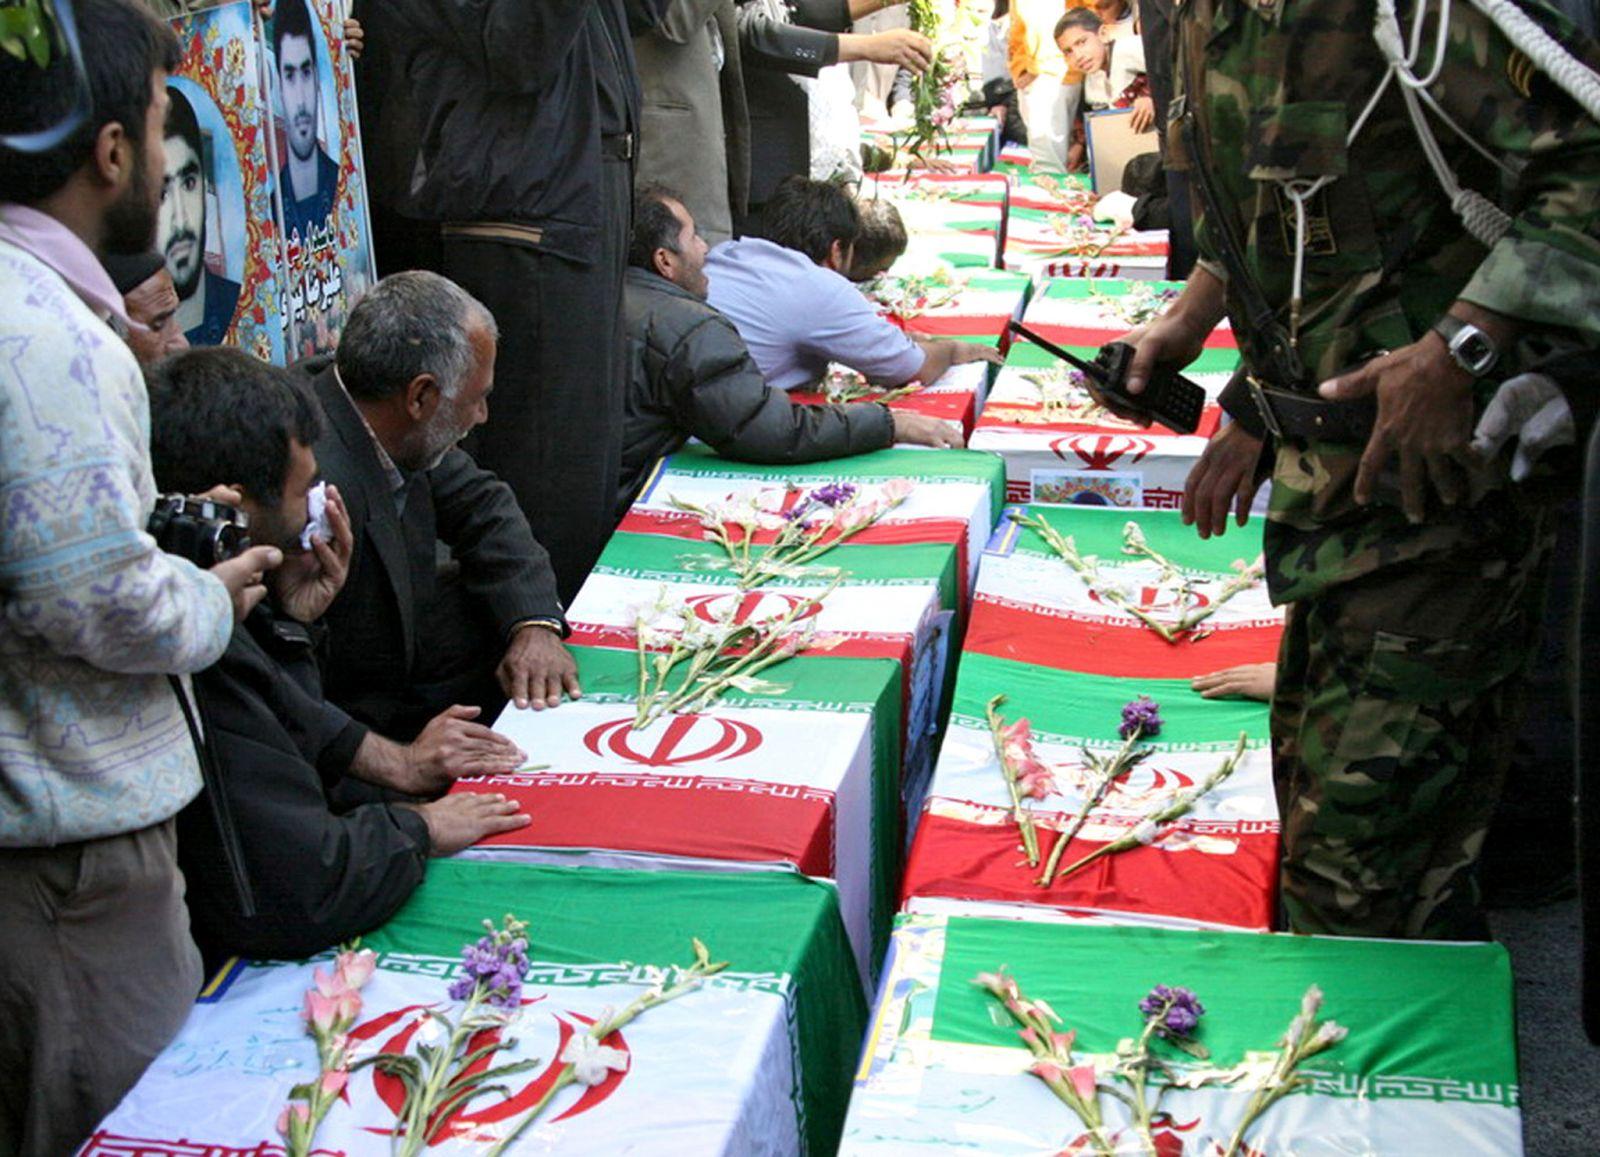 تعداد کشته های ایرانی طی هفته اخیر در حلب سوریه به 54 نفر رسید